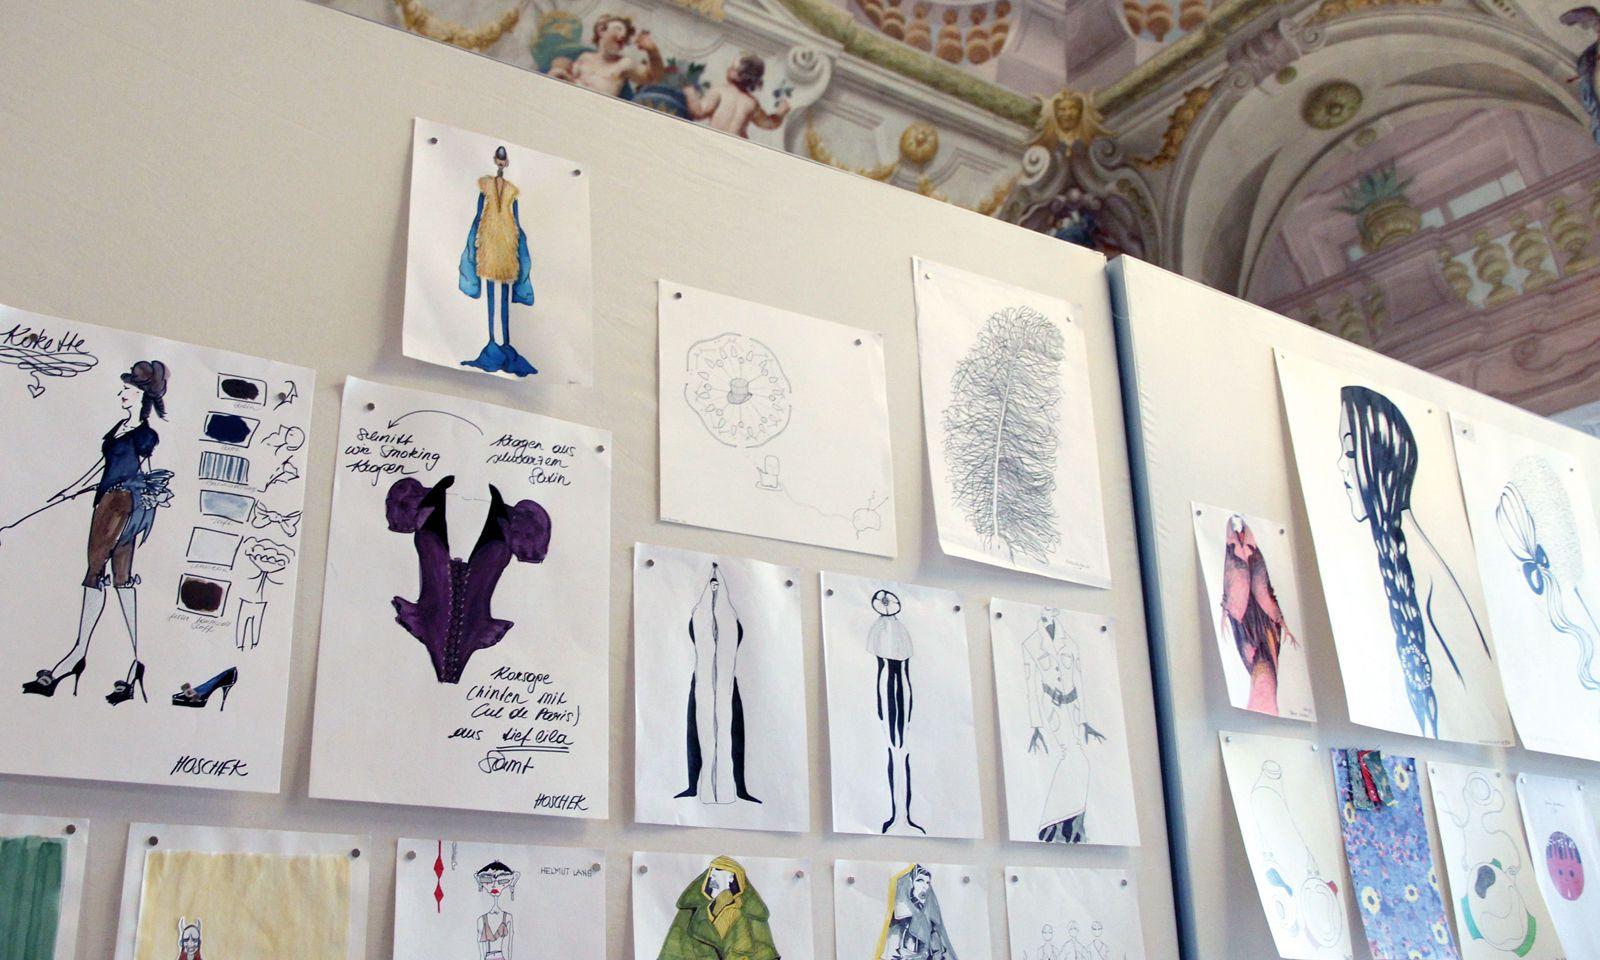 Ausstellungsstück. Neben vielen anderen Entwürfen sind auch Lena Hoscheks Skizzen zu sehen.